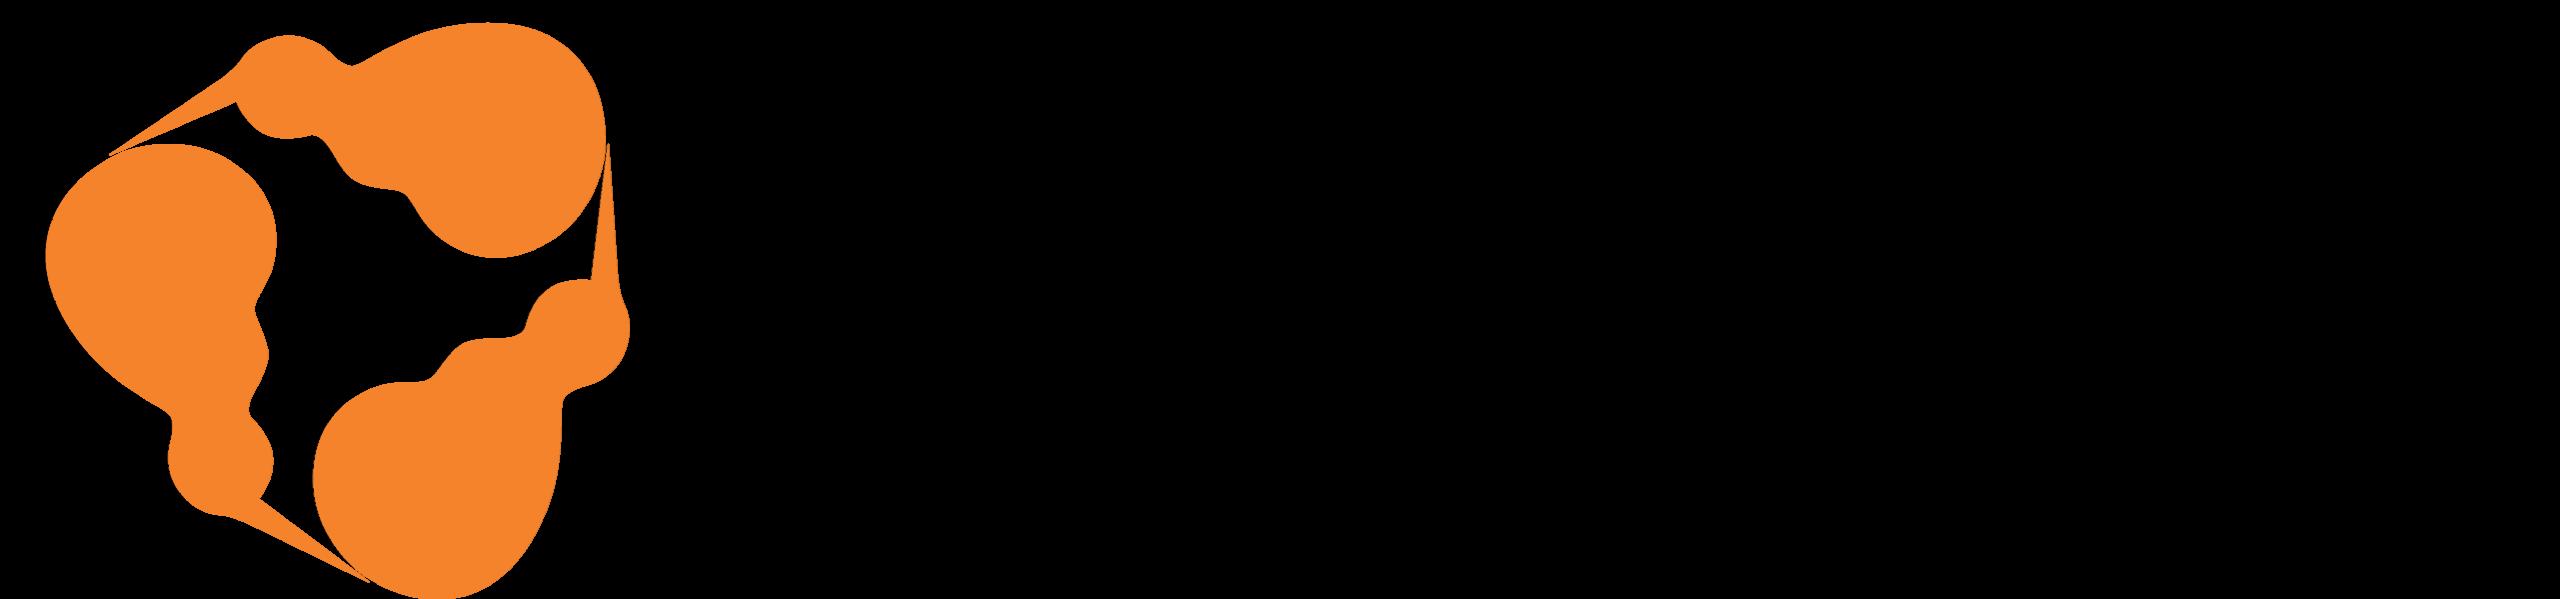 天维交易平台